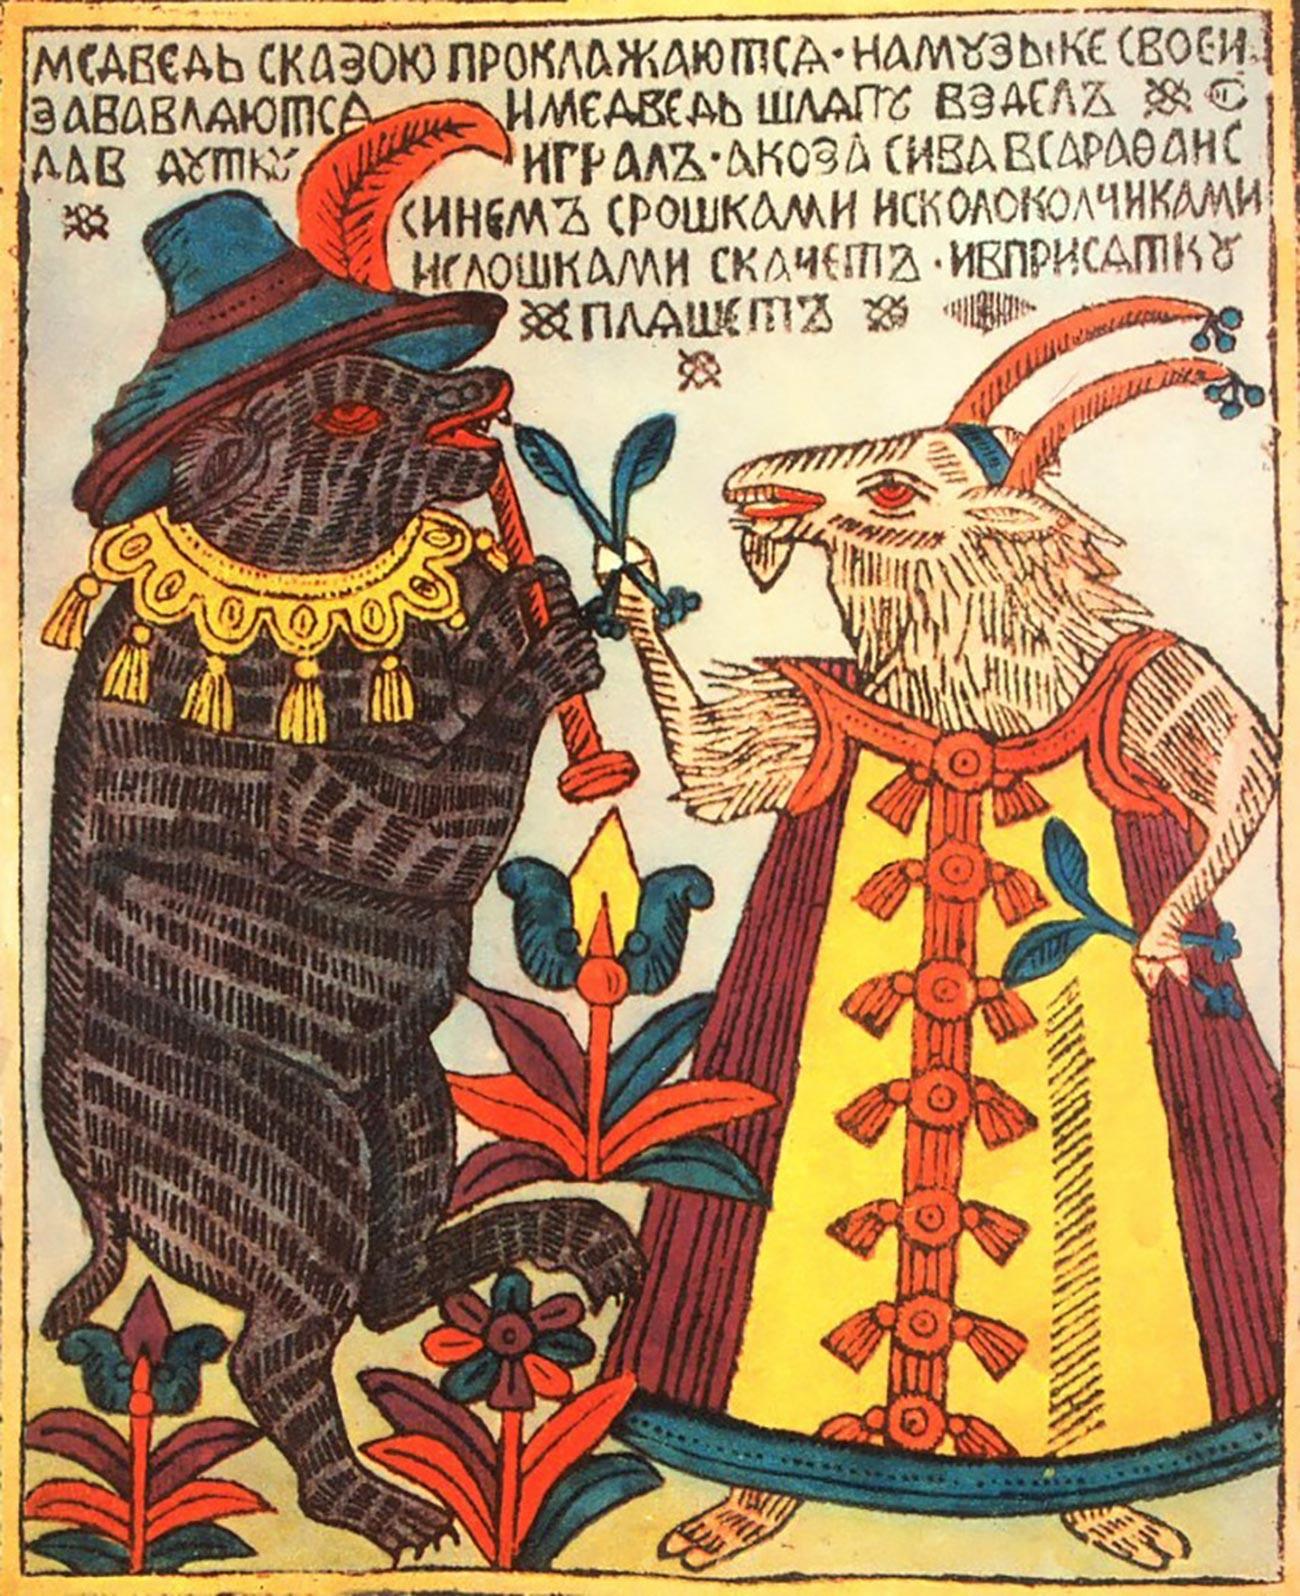 ルボーク「熊と山羊の休日」、18世紀 (テキスト:「熊と山羊が休日に音楽を楽しんでいる。熊は帽子をかぶり、笛を吹く。山羊は灰色で、角を生やし、鈴をぶら下げ、青いサラファンを着て、スプーンを持ち、飛び跳ねたりしゃがんだりして踊っている」)